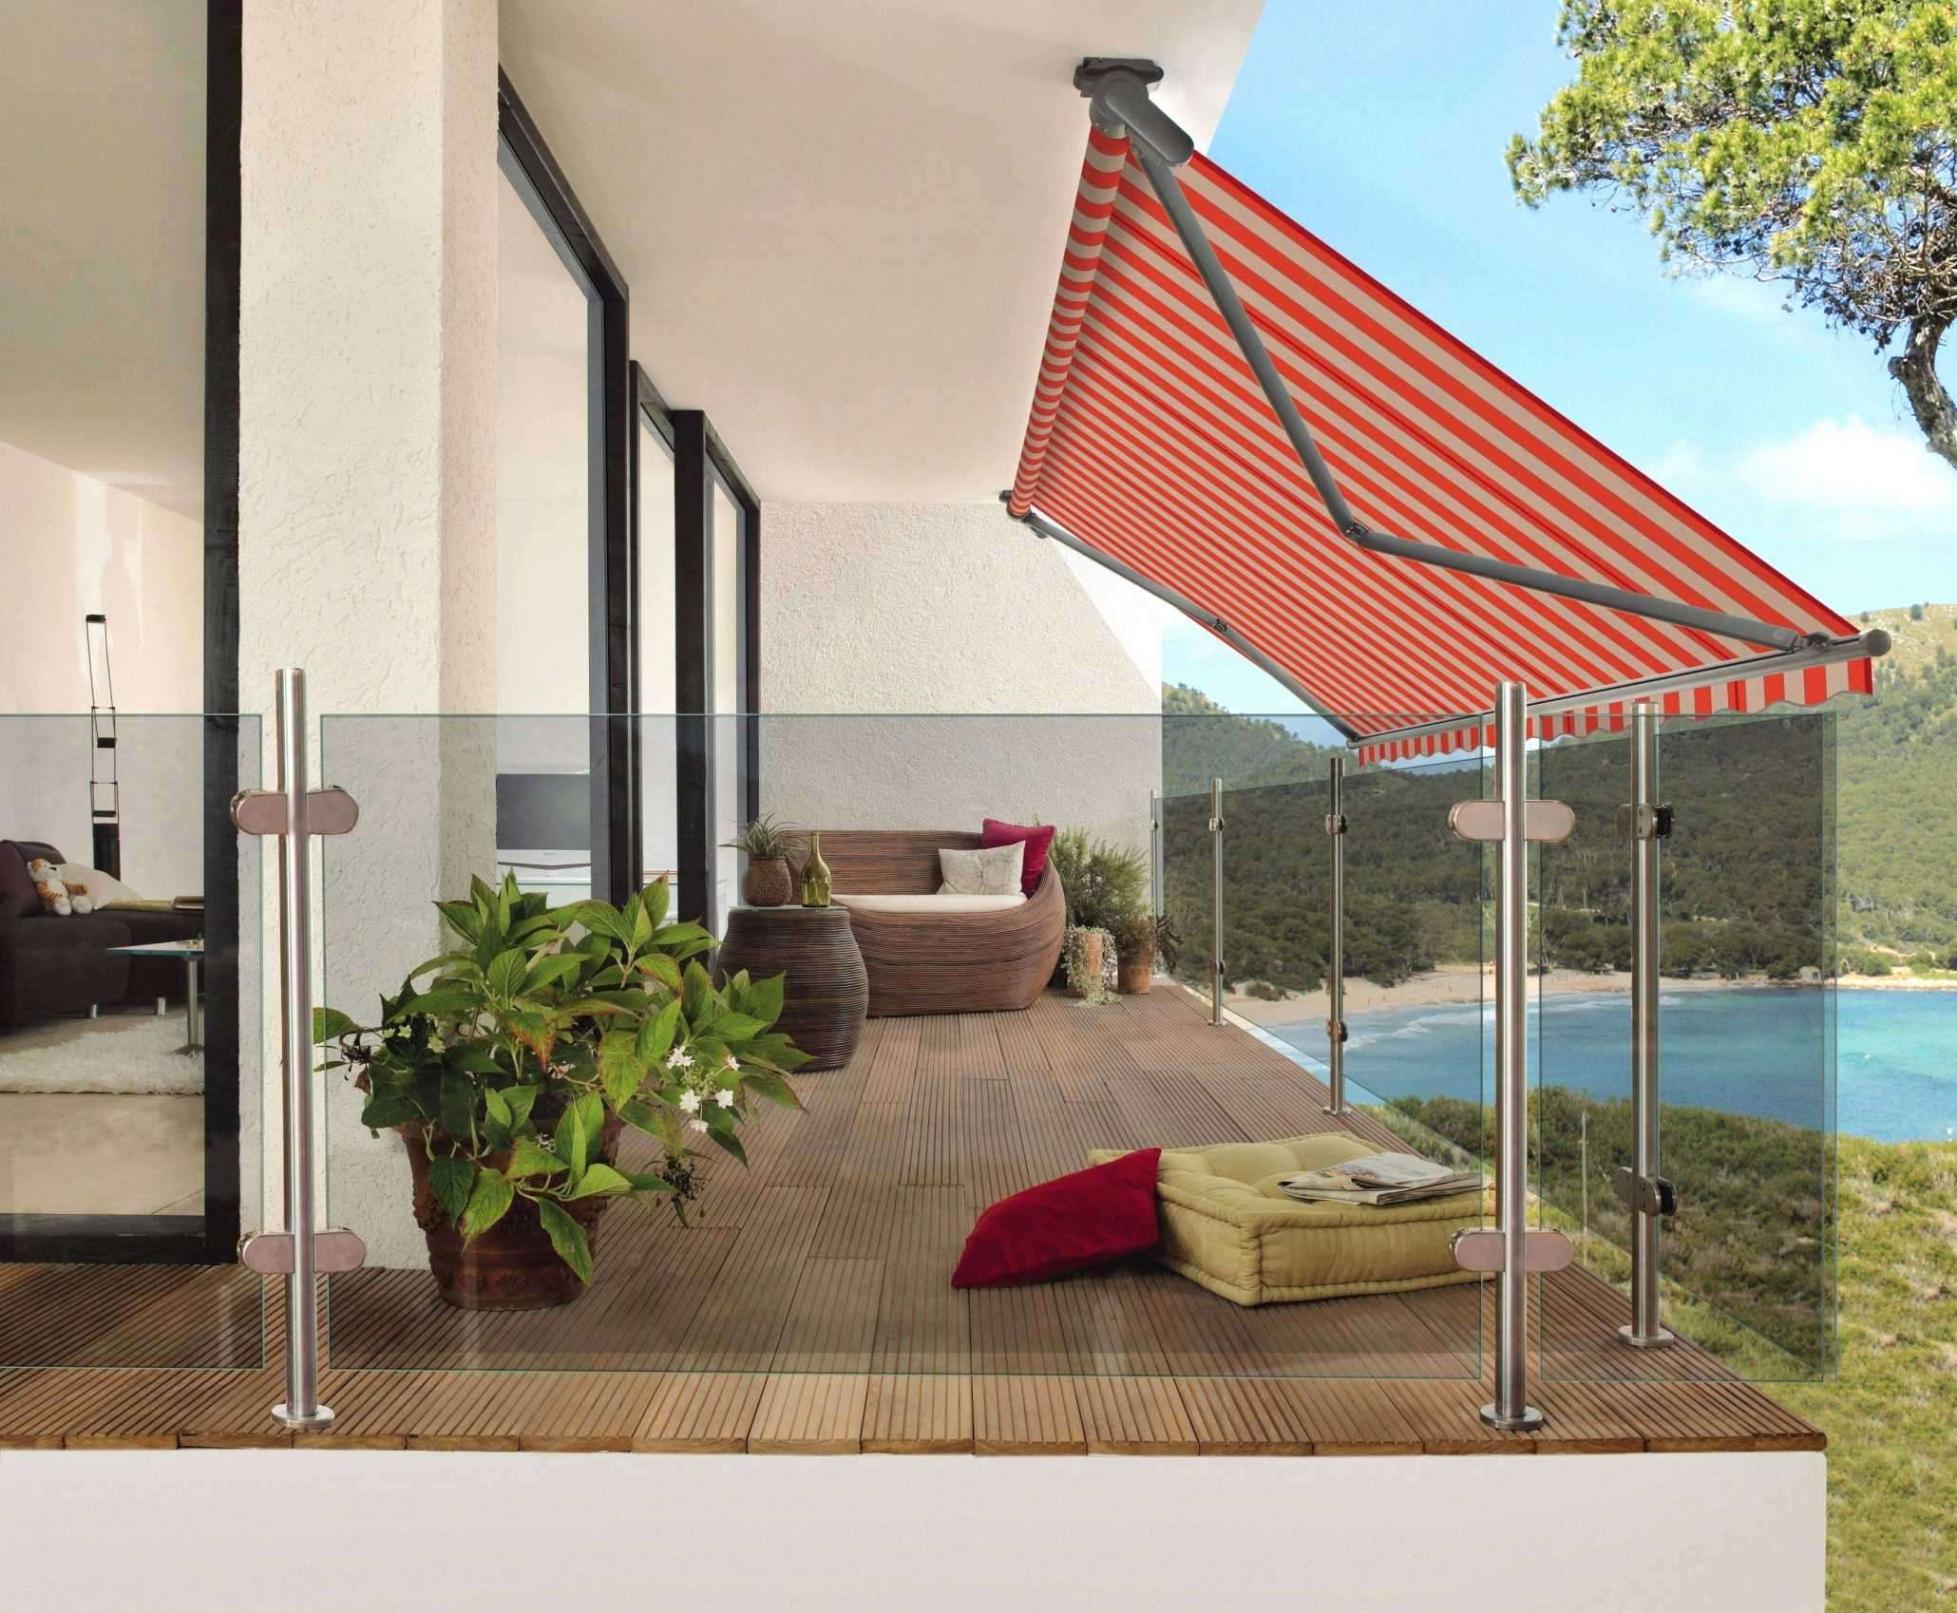 rutsche kinder garten schon garten rutsche balkon dekorieren elegant gestaltung kleiner balkon gestaltung kleiner balkon